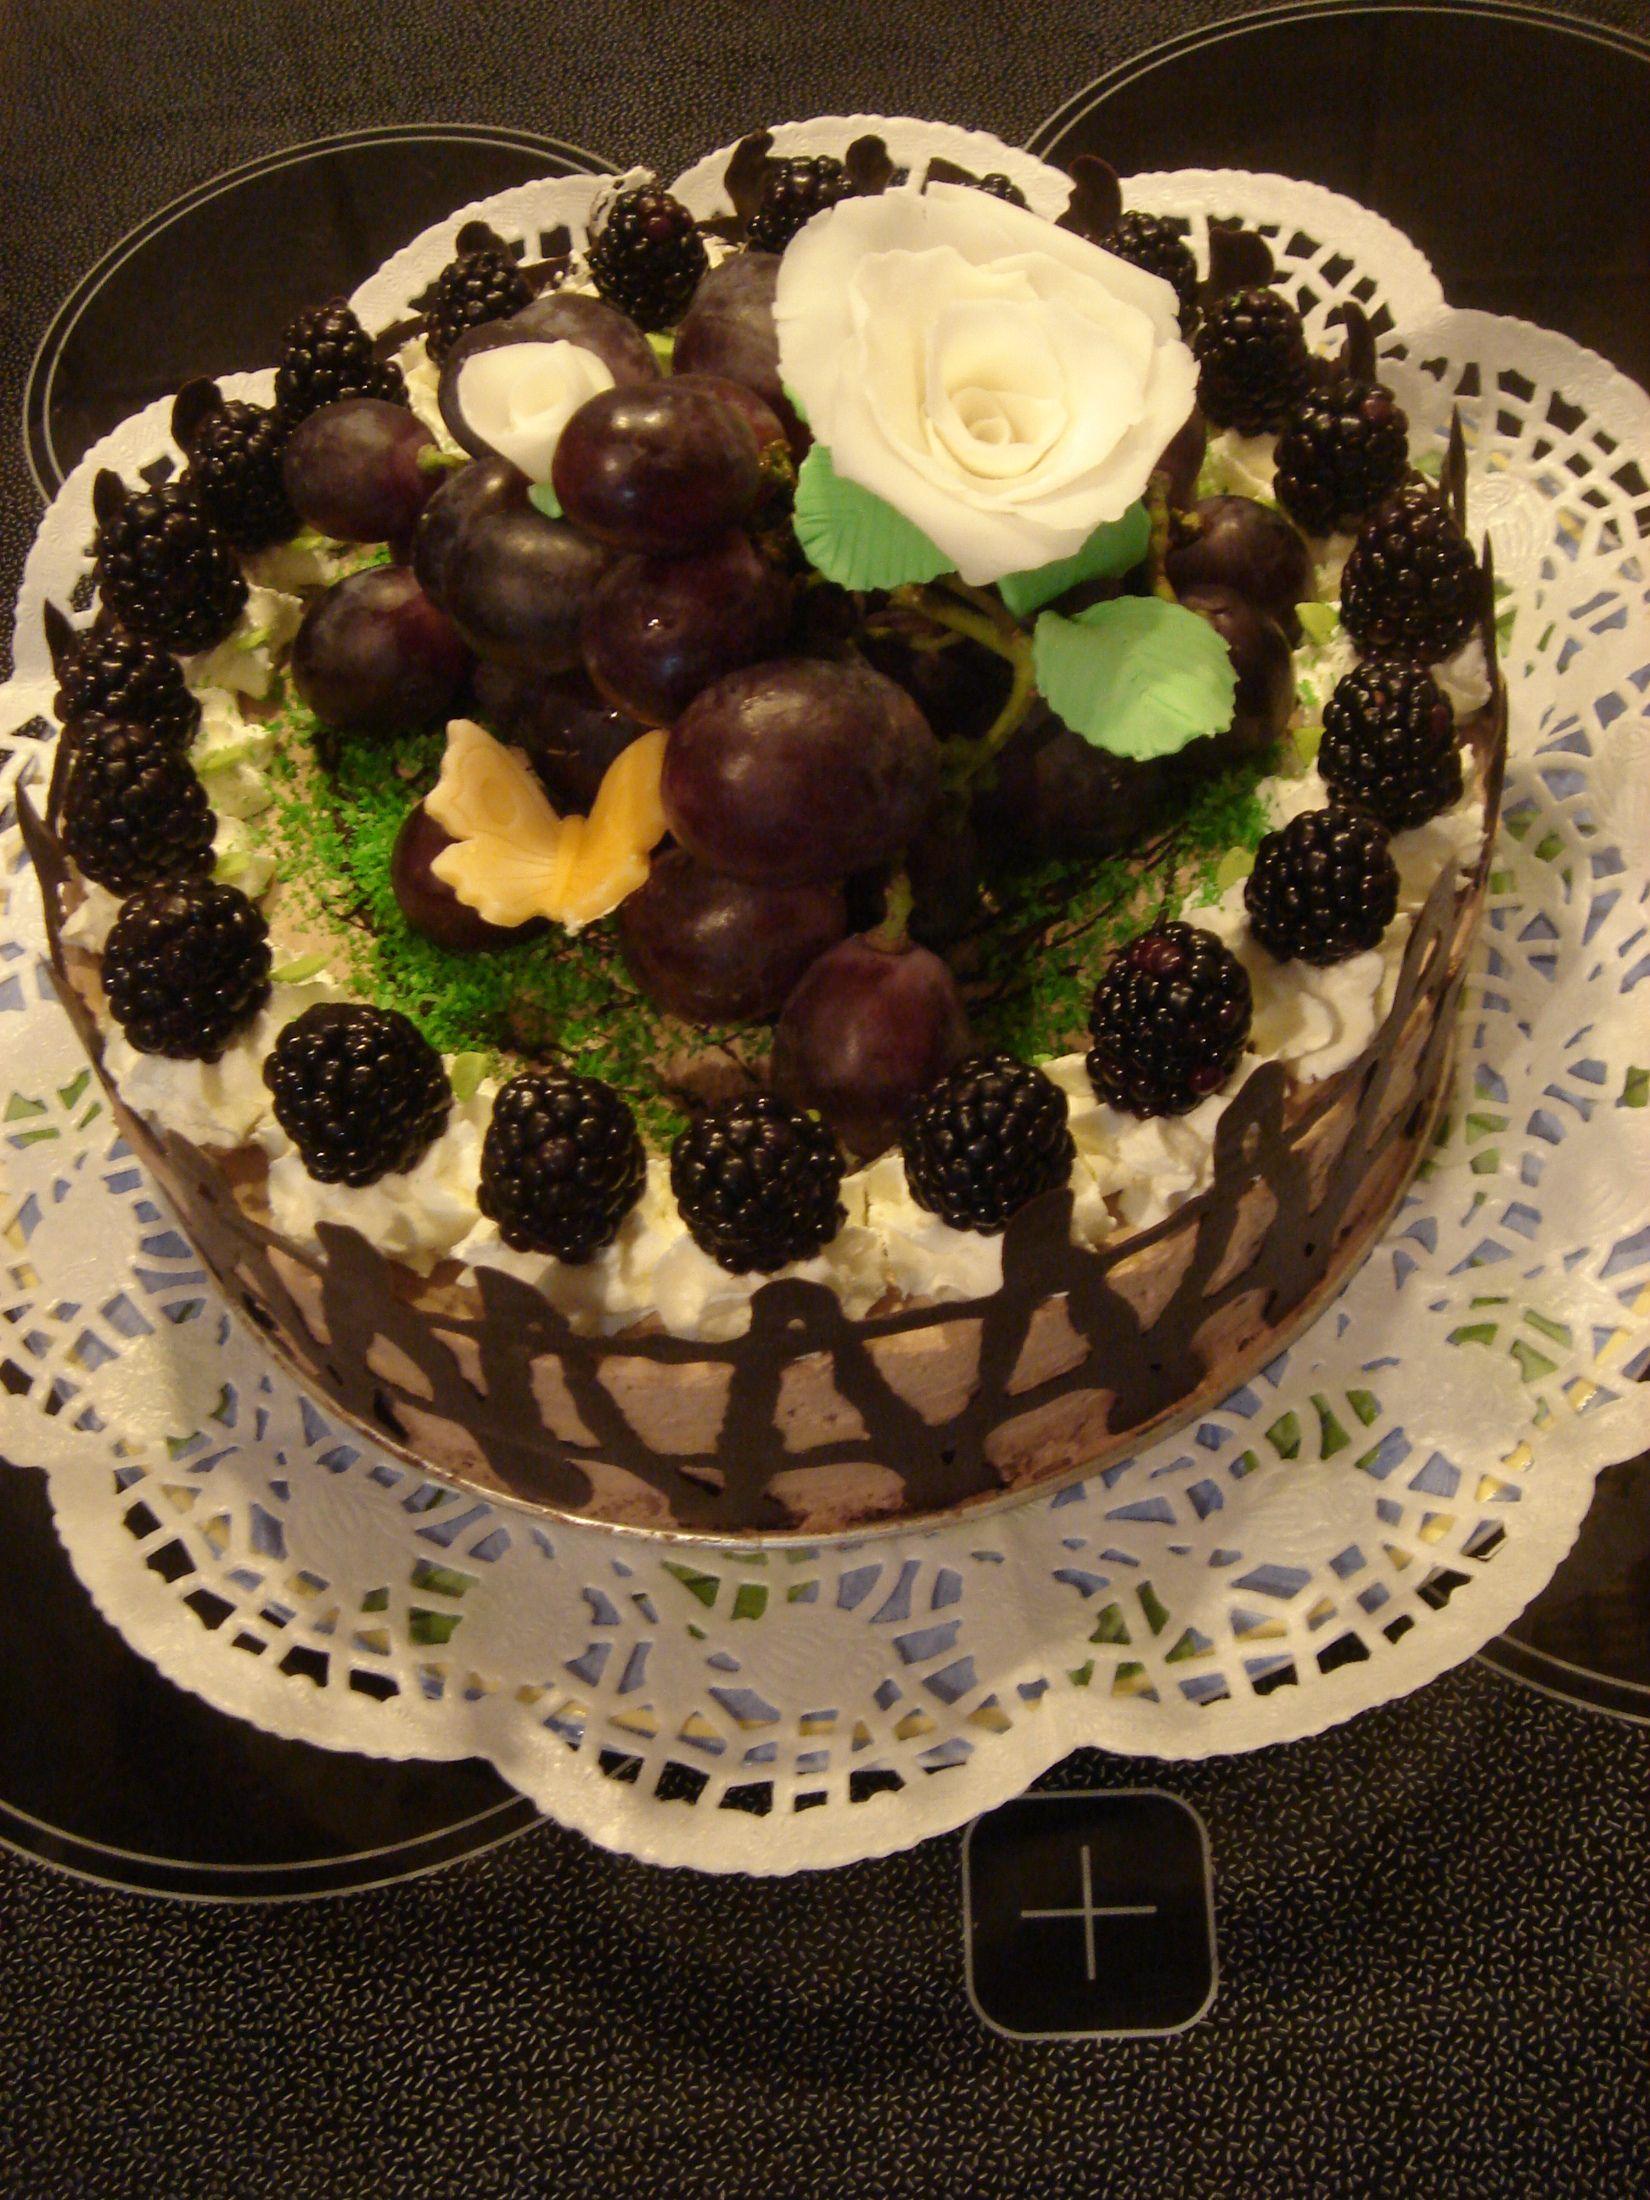 Recept Pařížský dort s ovocem - Pařížský dort s ovocem